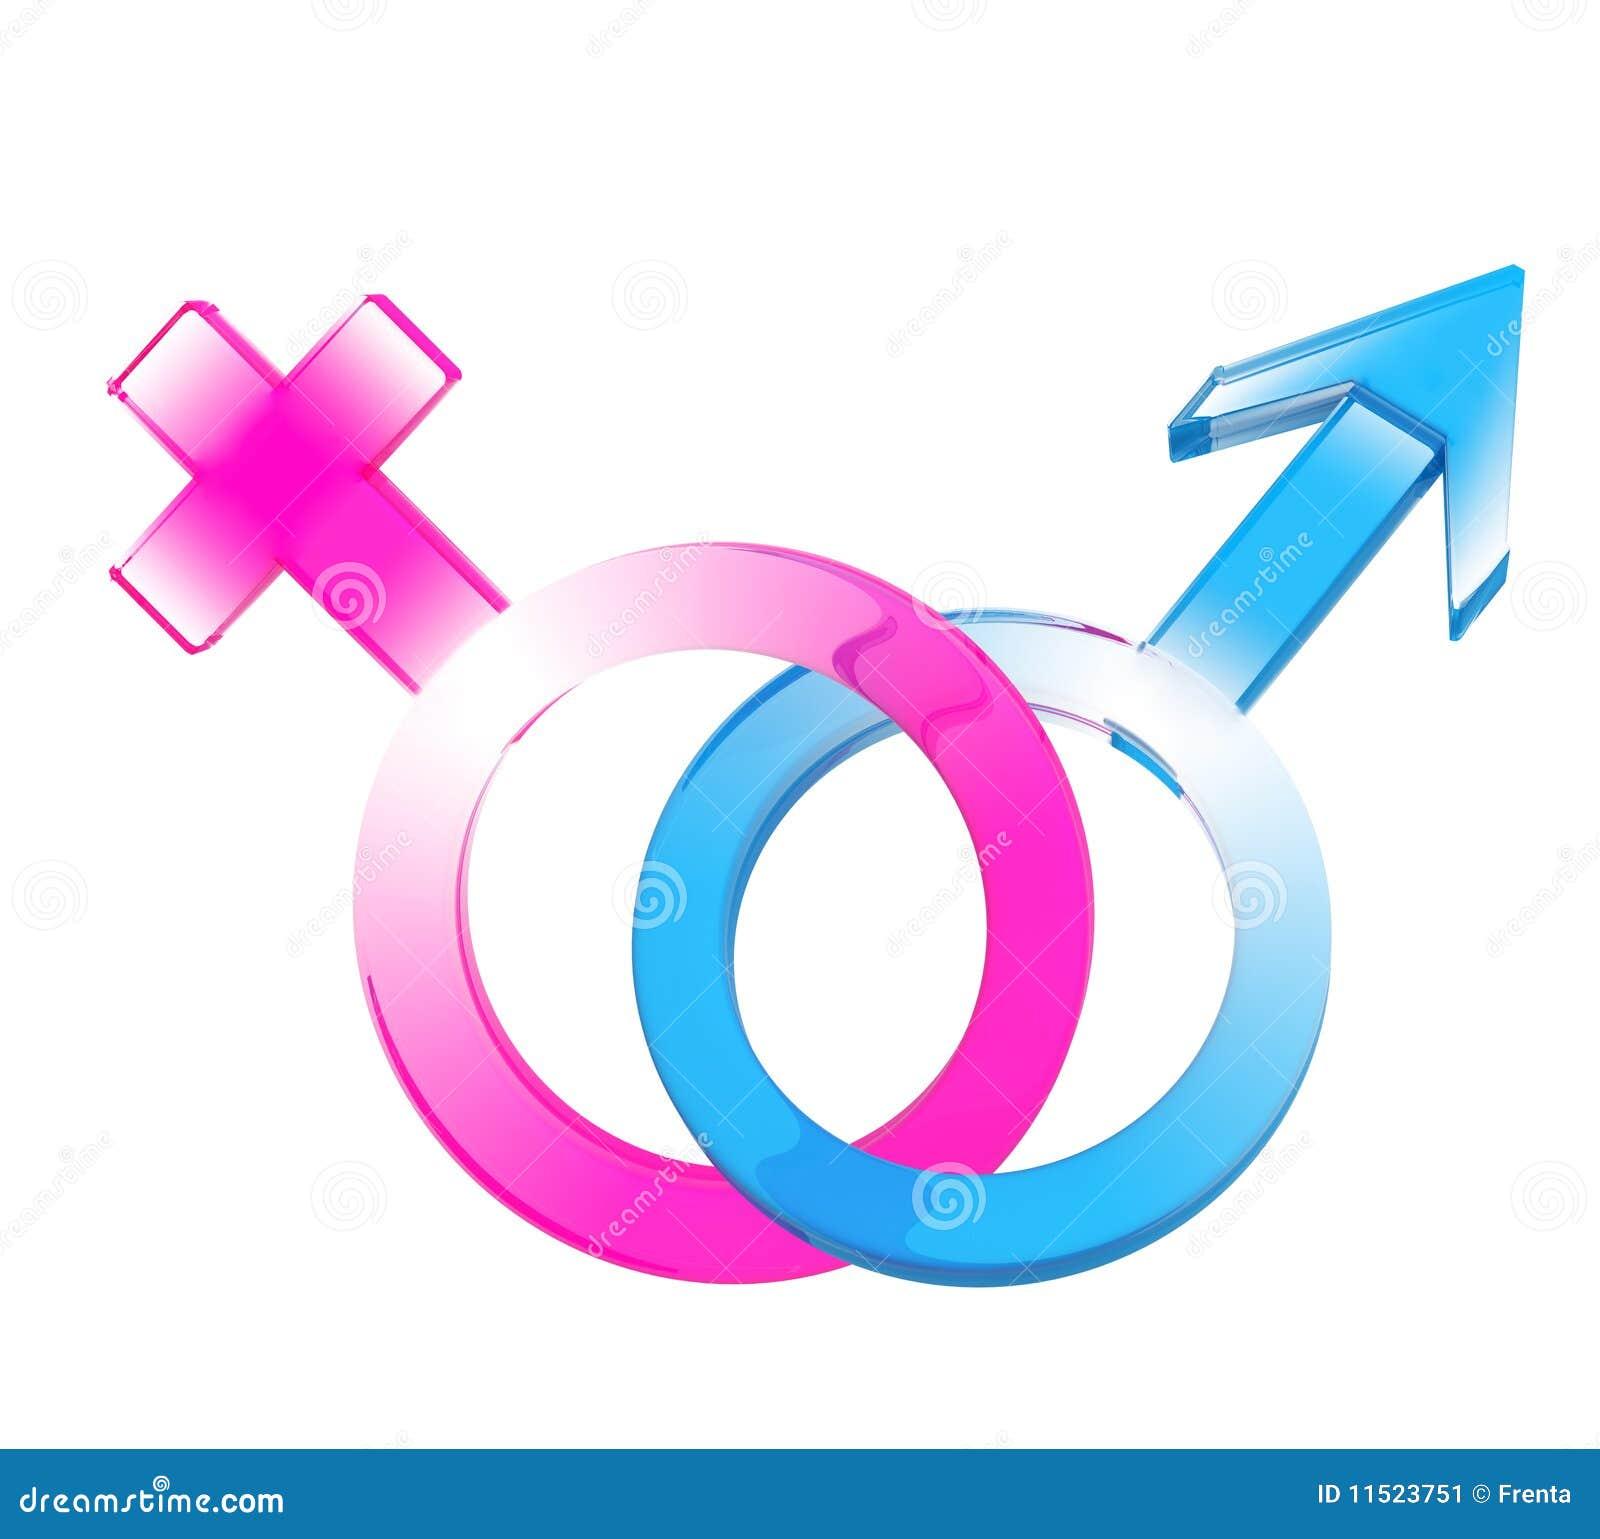 Zwei Symbole - Mann Und Frau Stockbild - Bild: 11523751